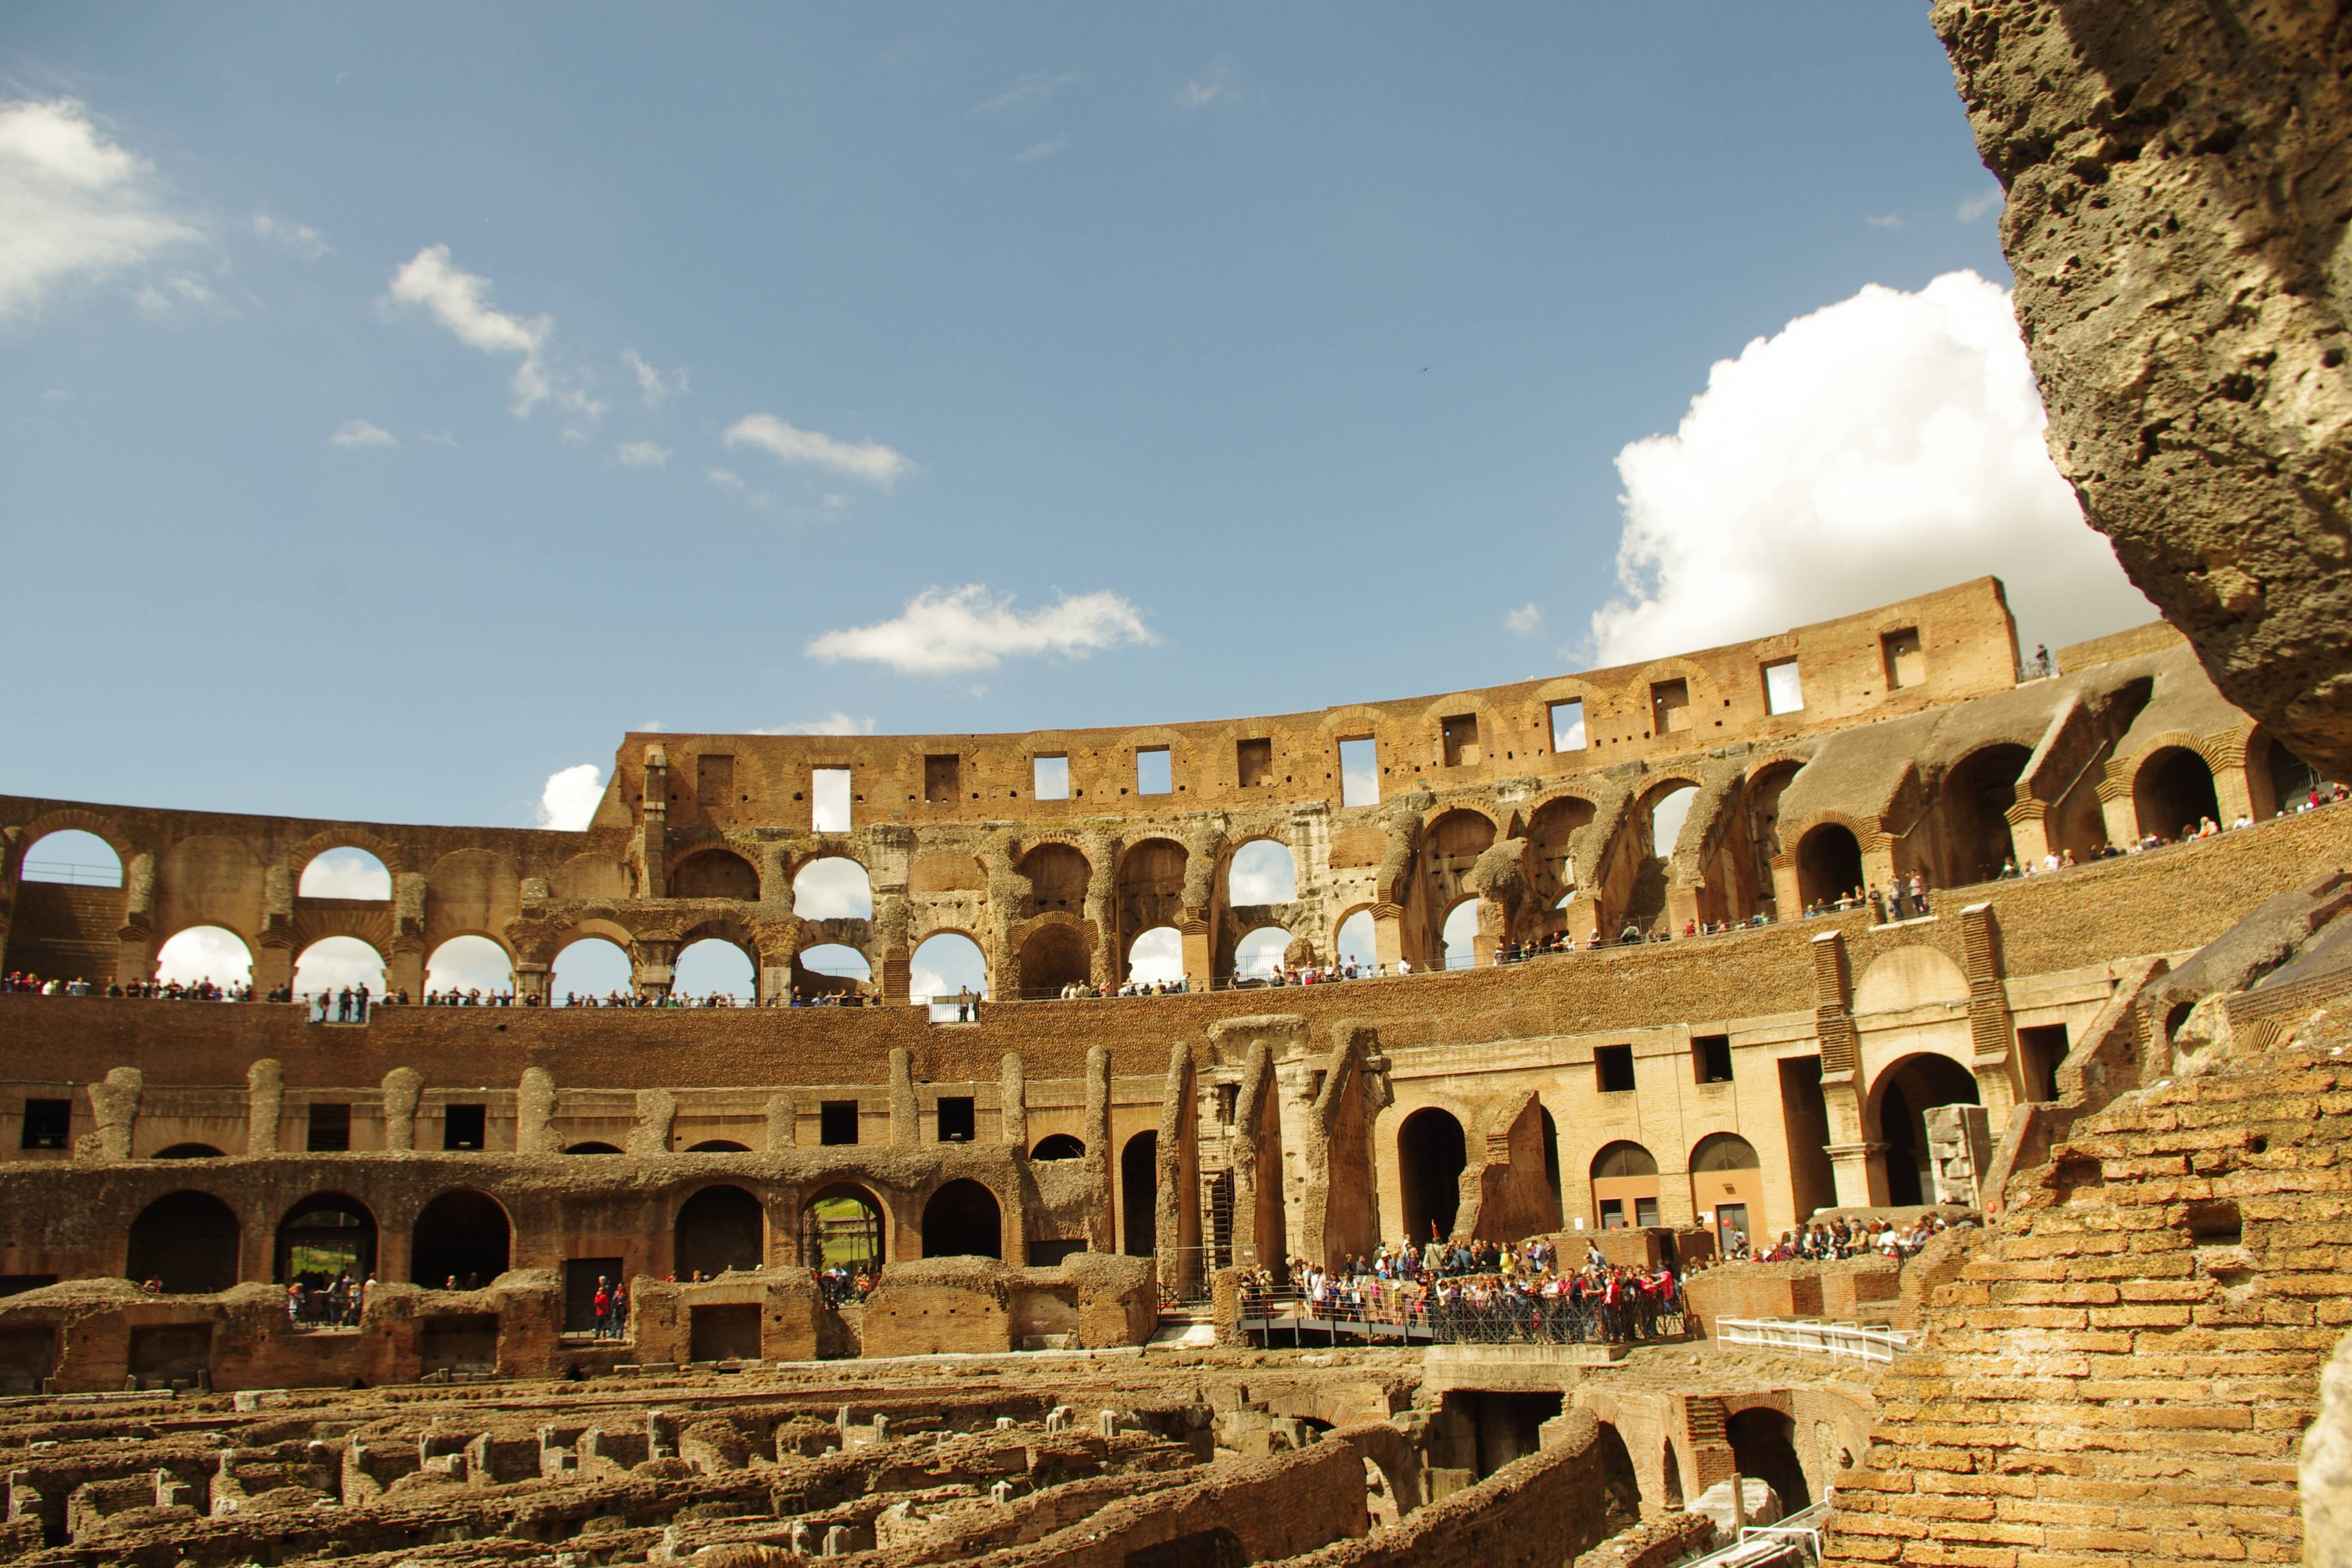 Photo 2: Le Colisée, un des symboles de Rome